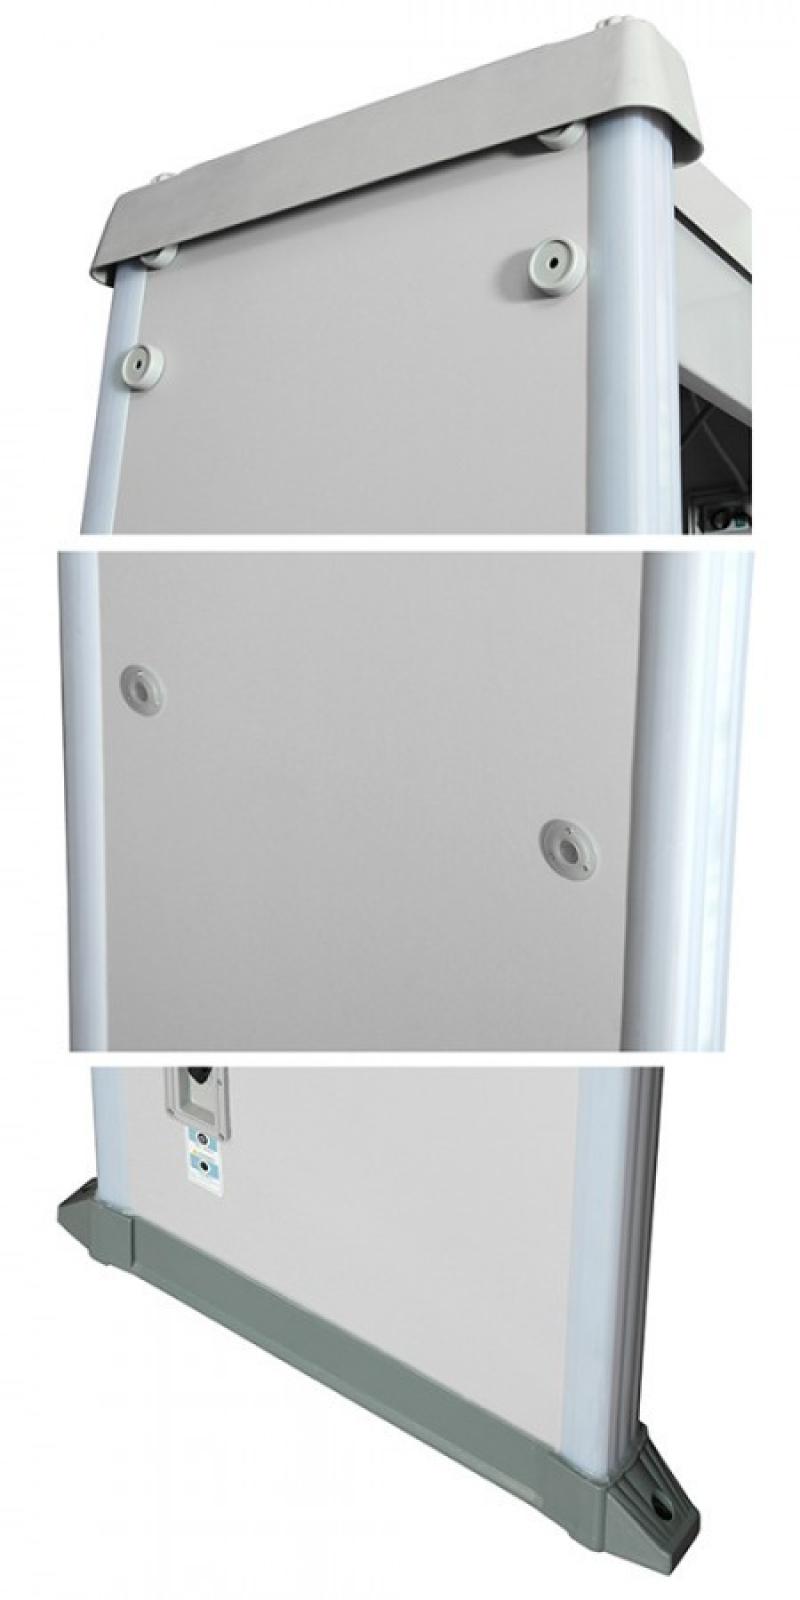 арочный металлодетектор блокпост рс z 800|1600|2400